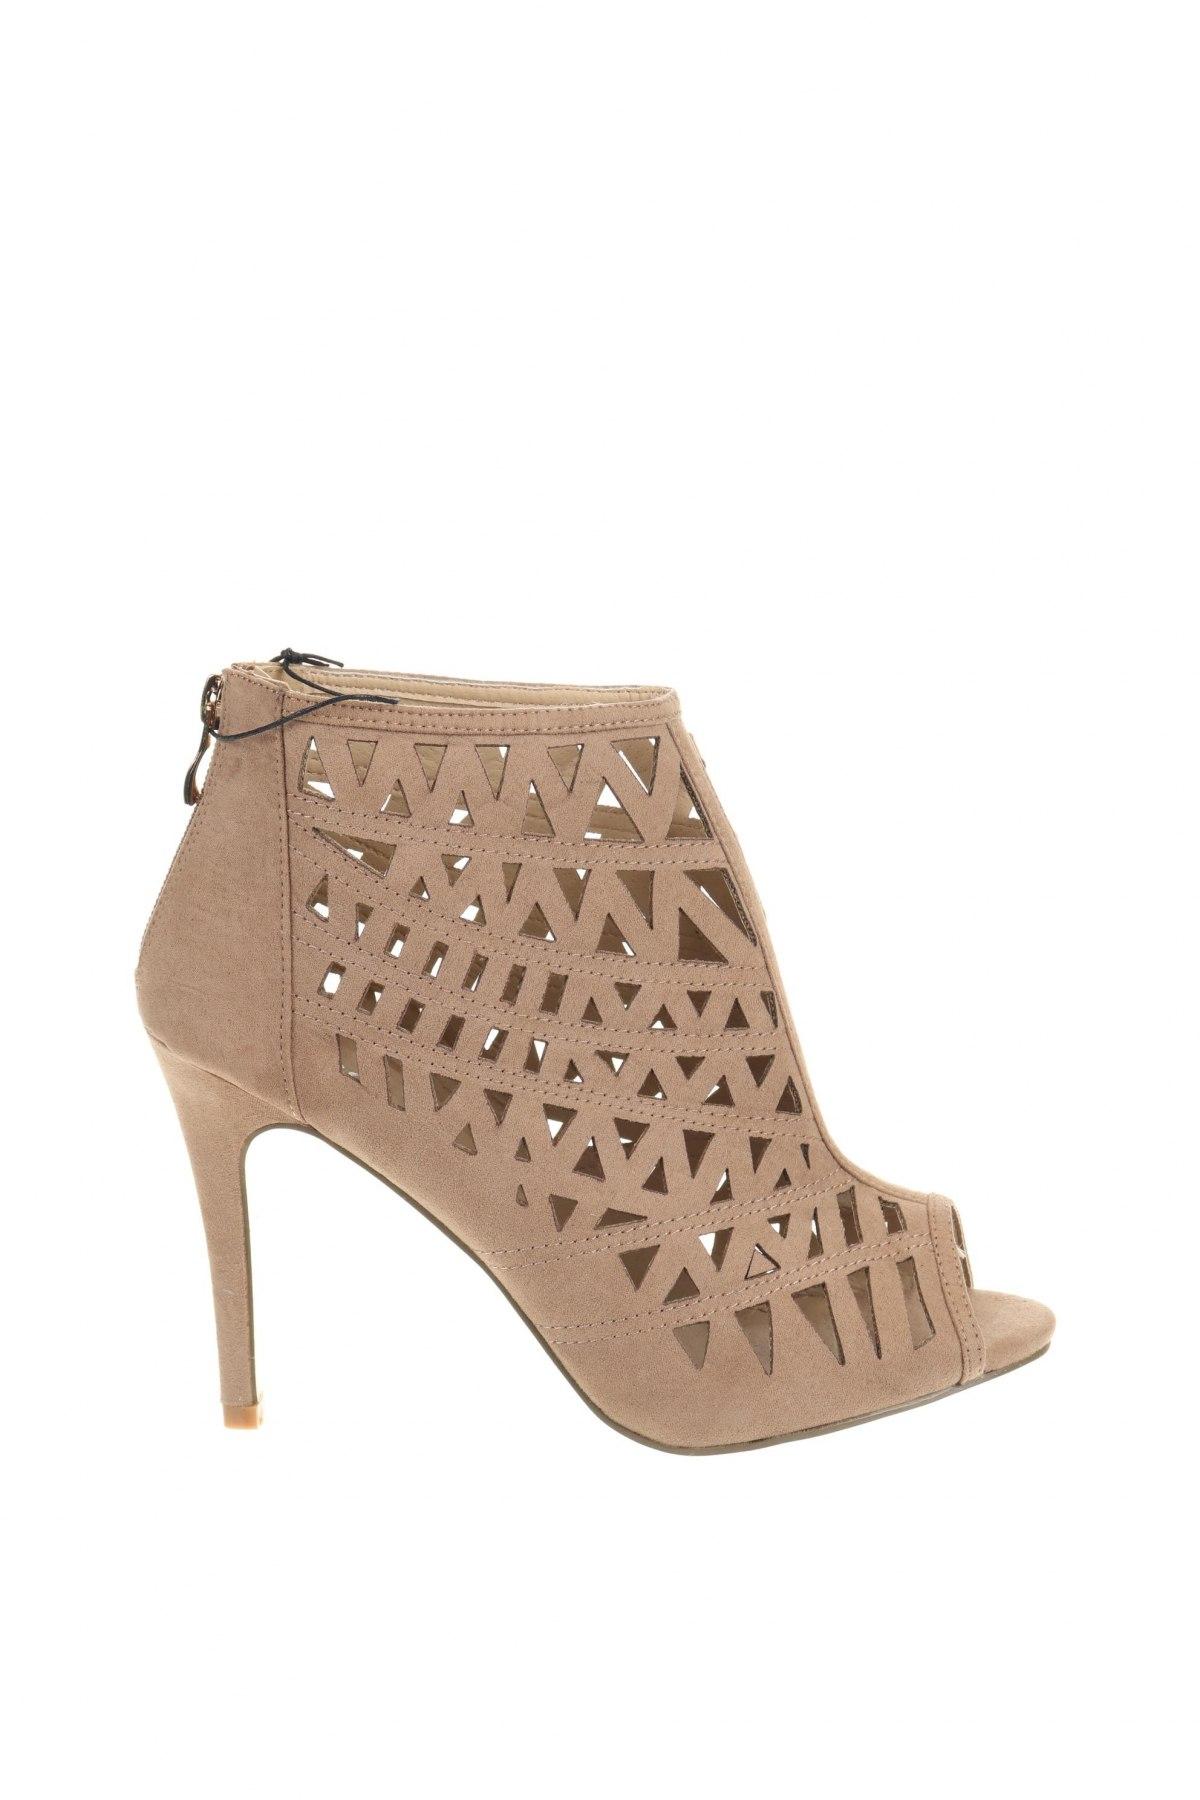 Γυναικεία παπούτσια Moa, Μέγεθος 40, Χρώμα  Μπέζ, Κλωστοϋφαντουργικά προϊόντα, Τιμή 12,47€